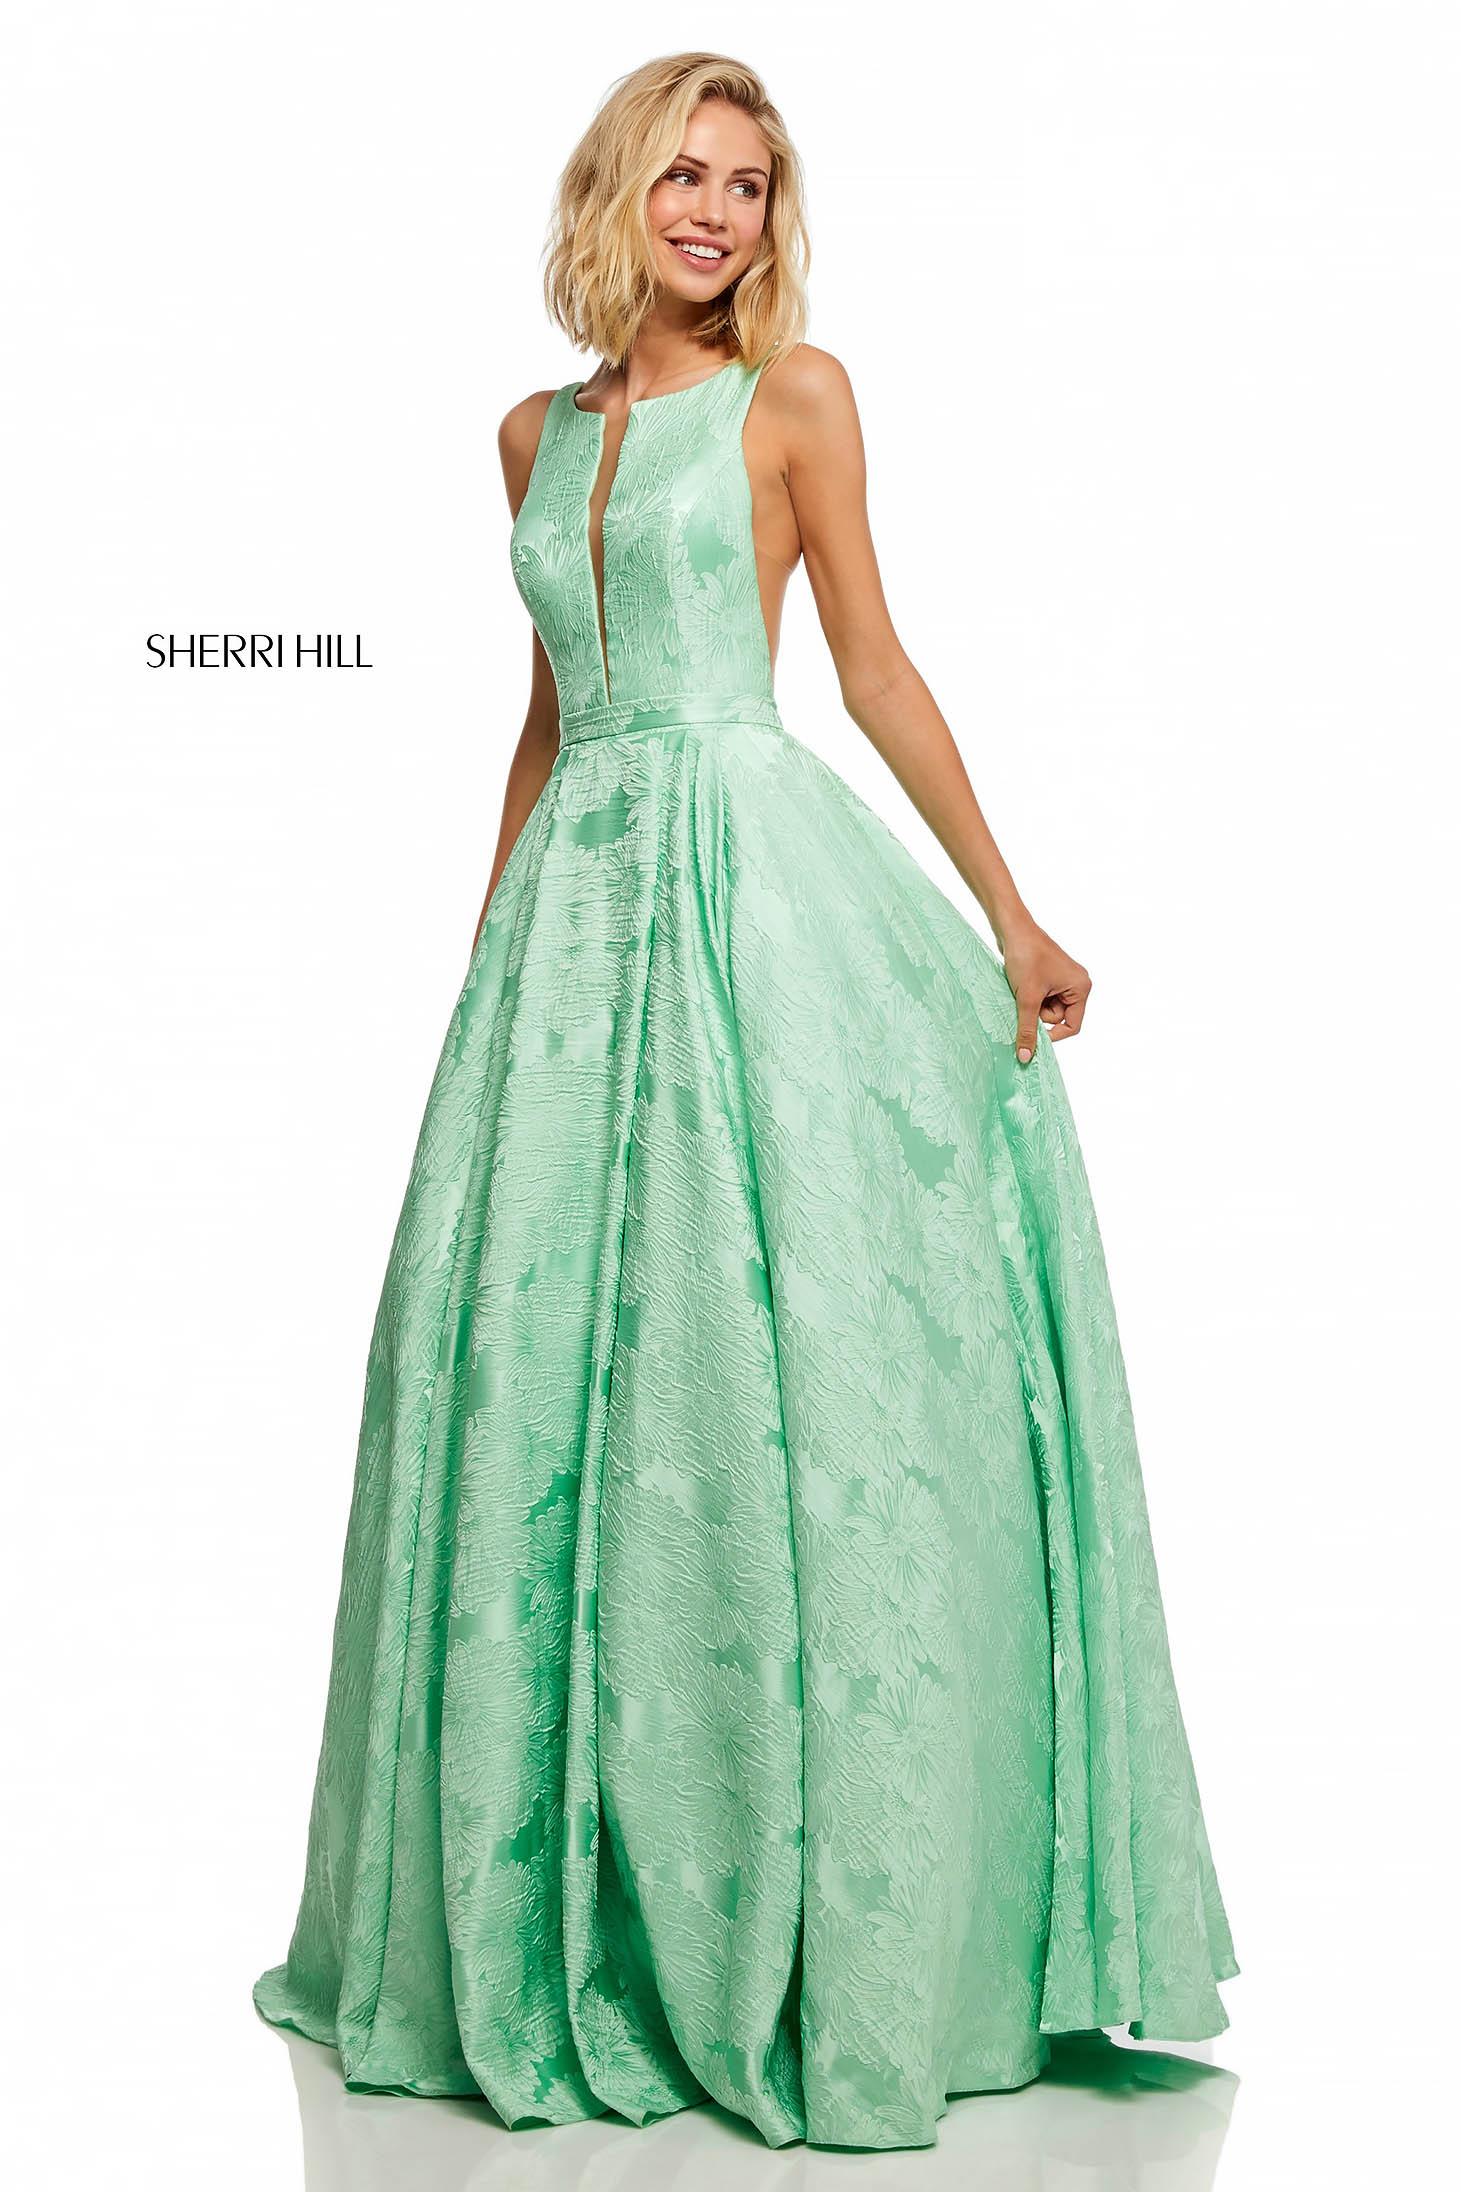 Rochie Sherri Hill verde de lux lunga in clos cu spatele gol